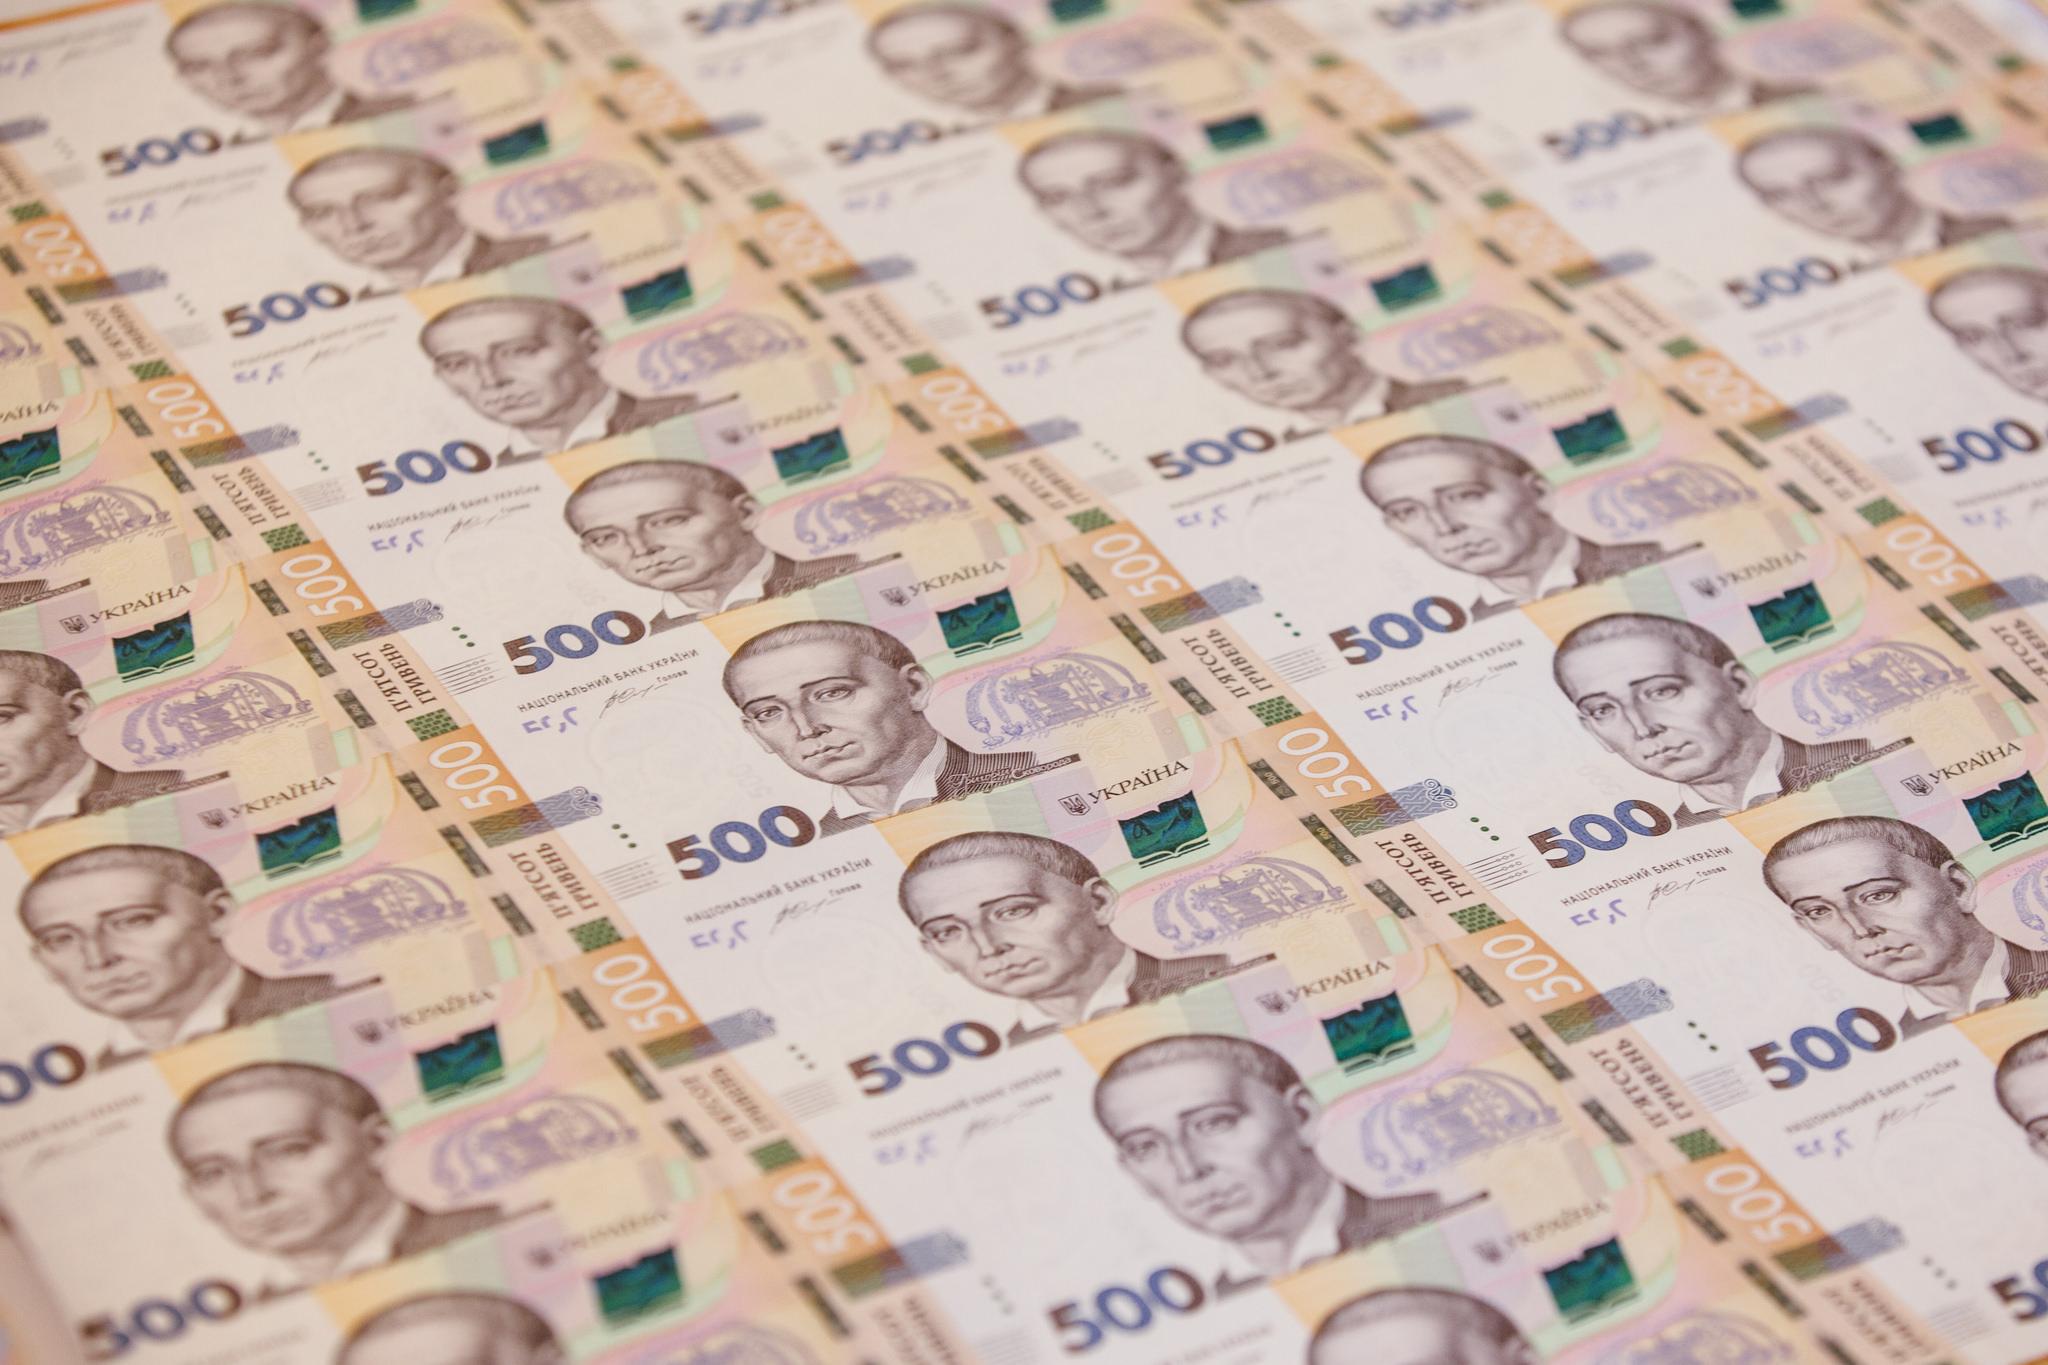 Ключевым драйвером украинских евробондов еще долго будет оставаться макроэкономическая ситуация в стране